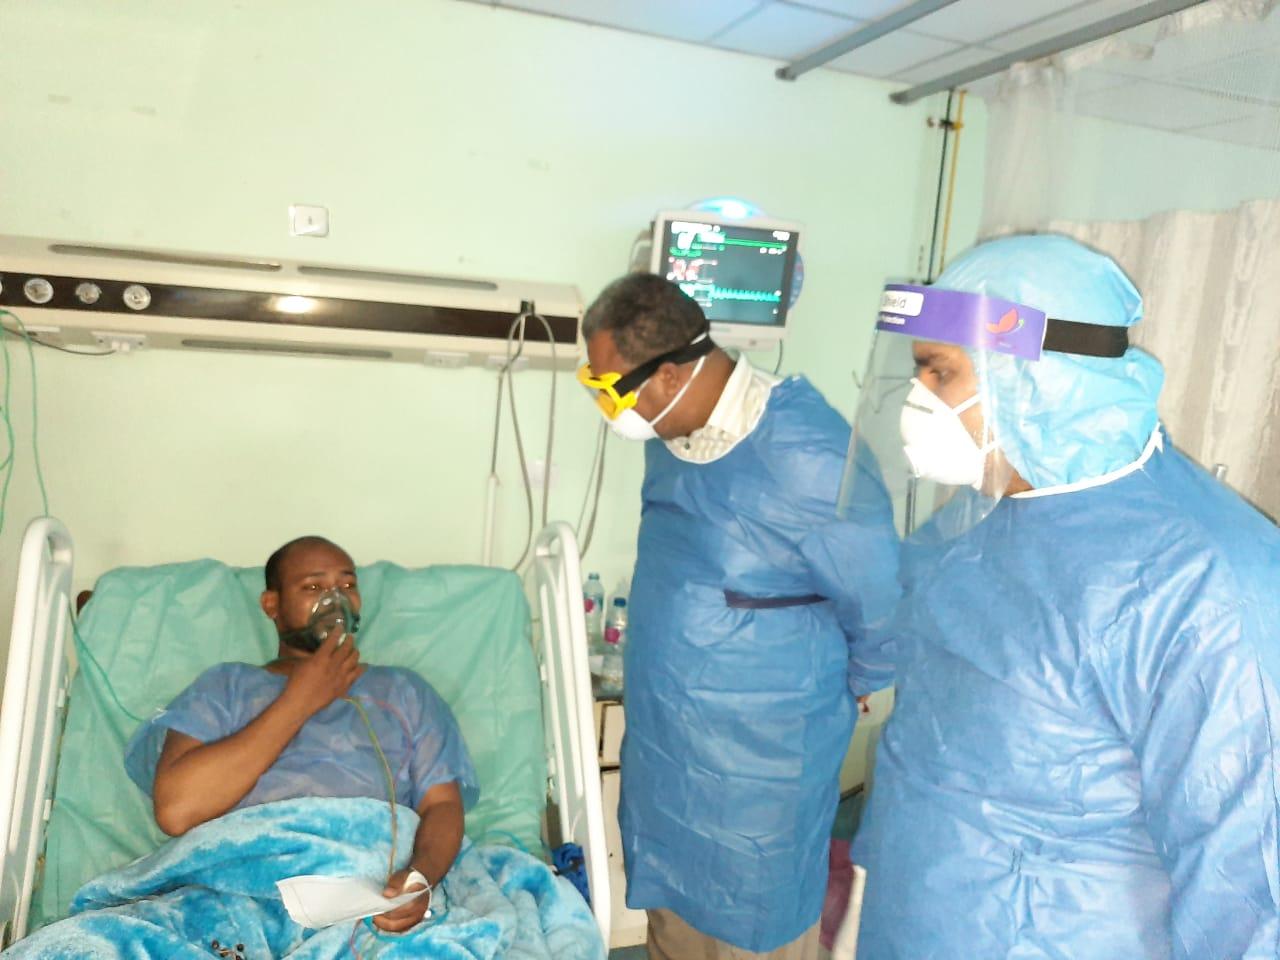 مستشفى الأقصر العام للعزل الصحى (11)